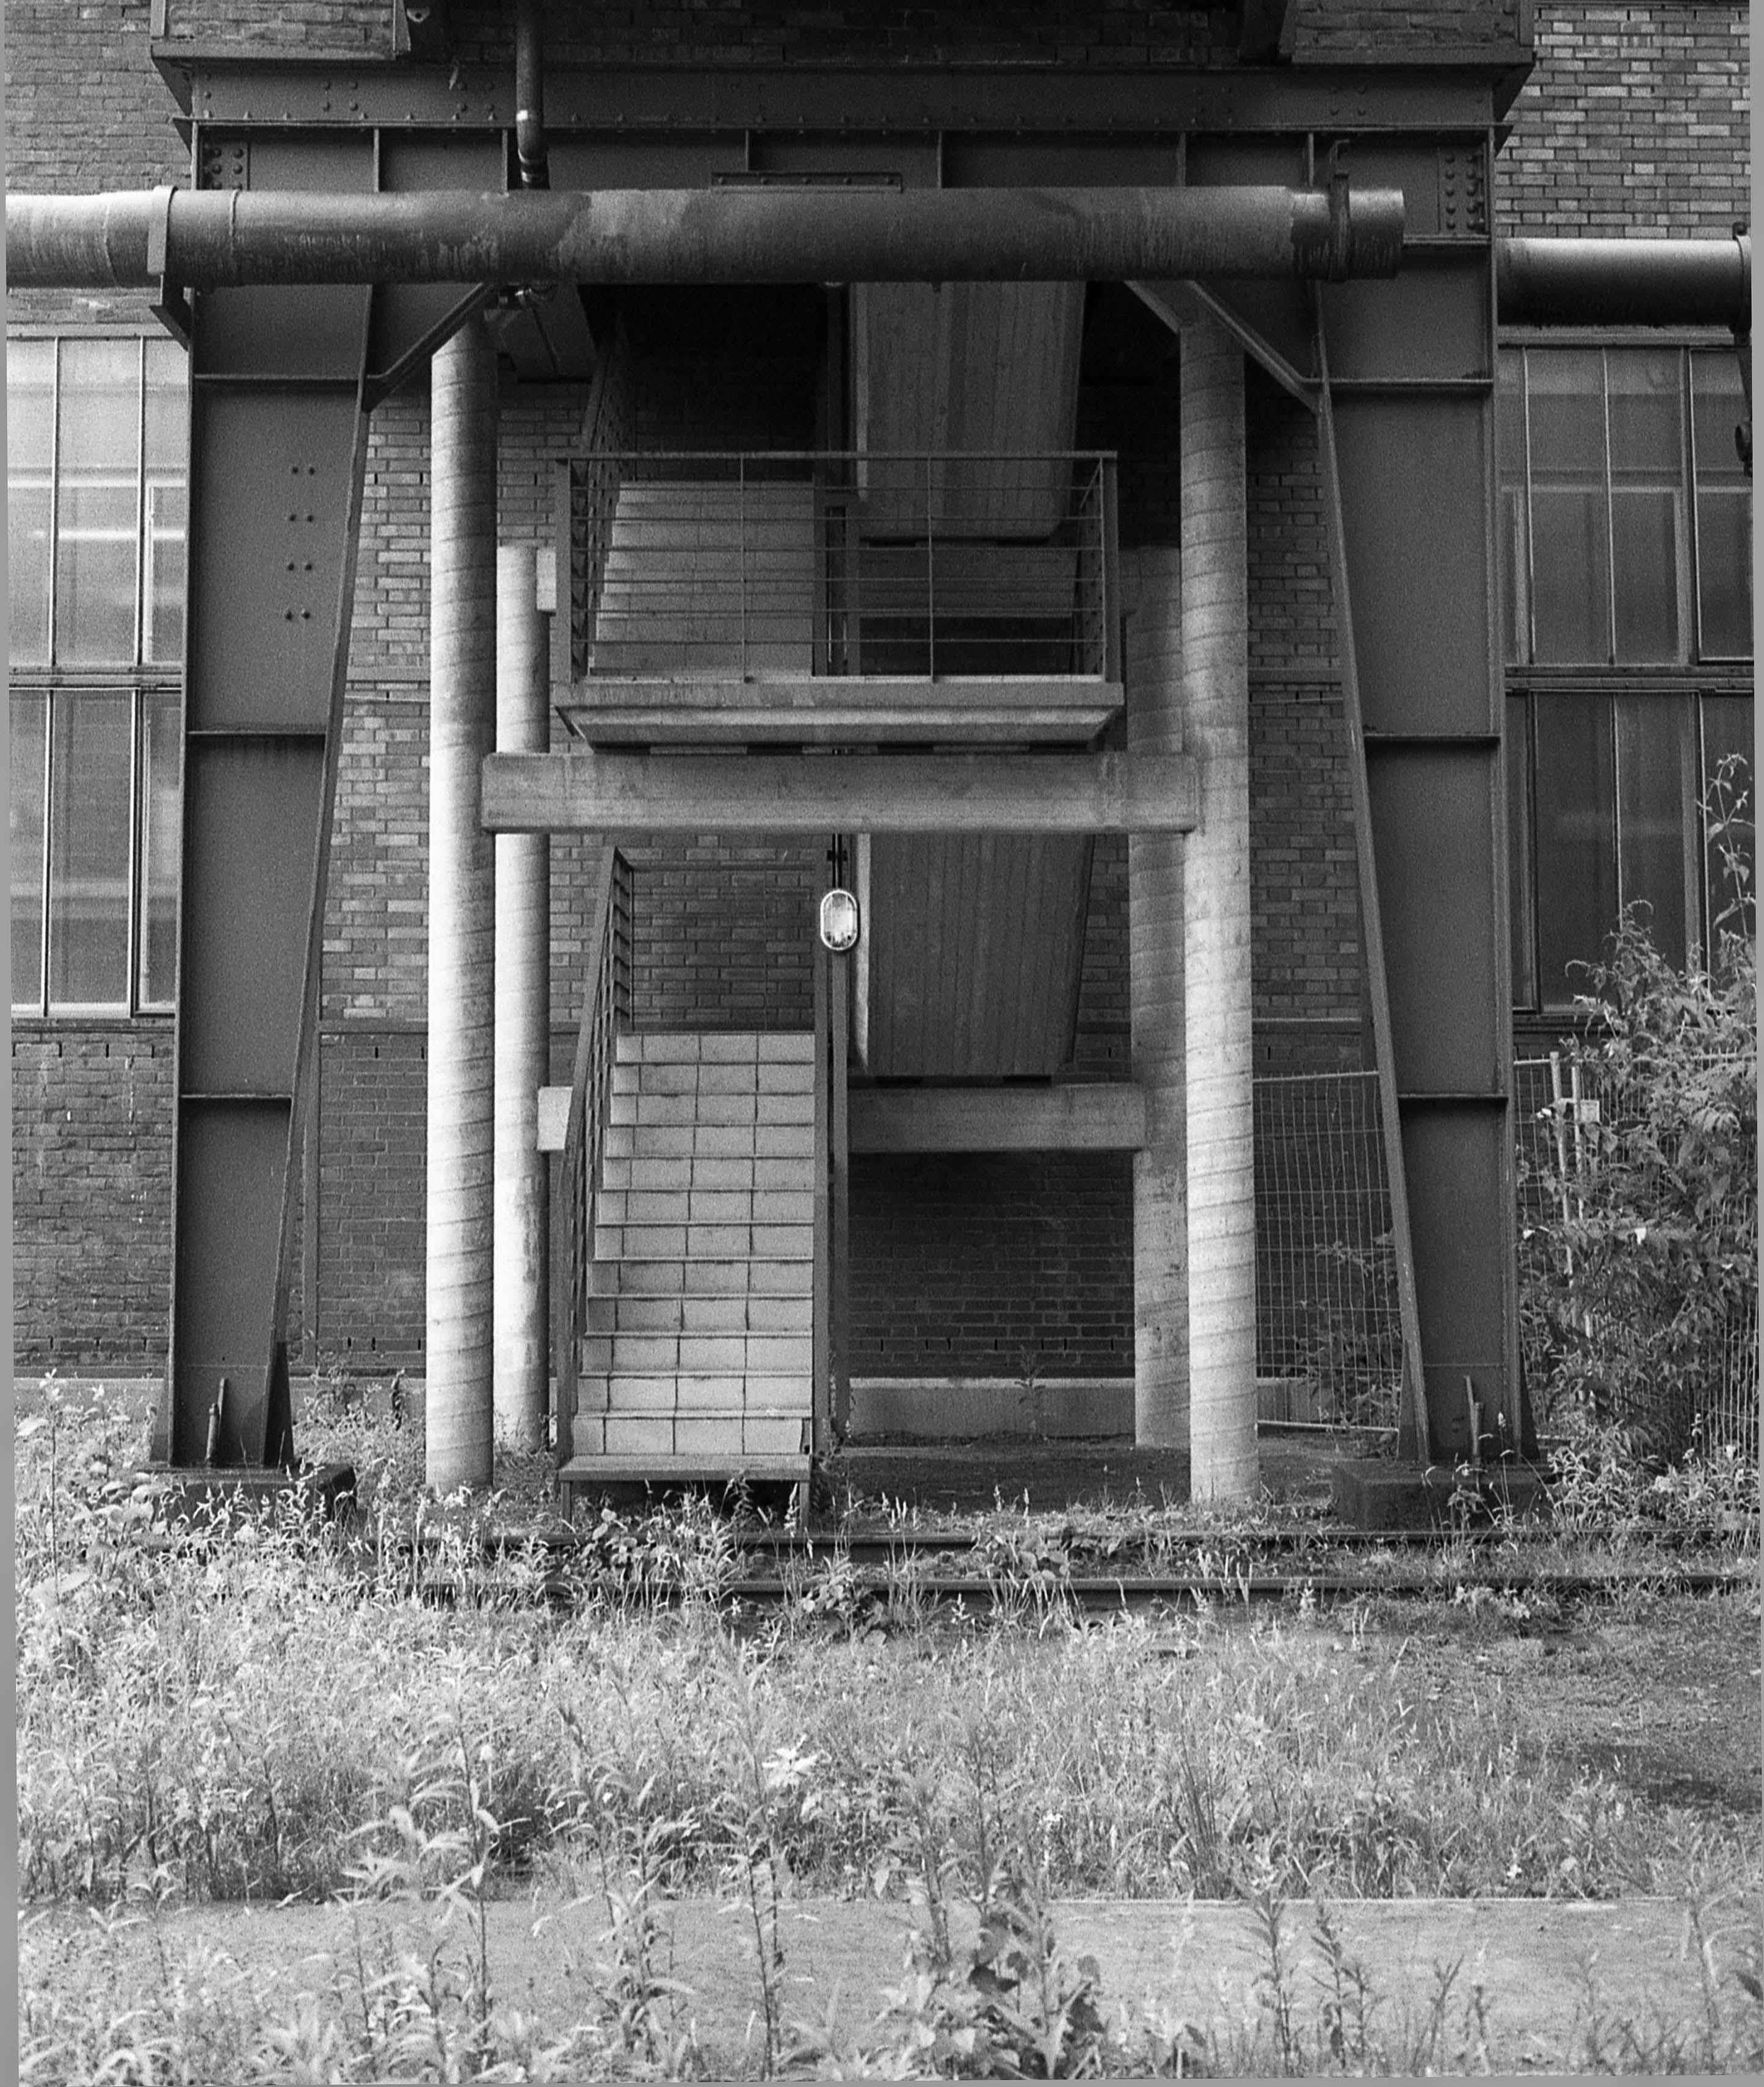 Kokerei Zollverein staircase - Essen, Germany - 2001